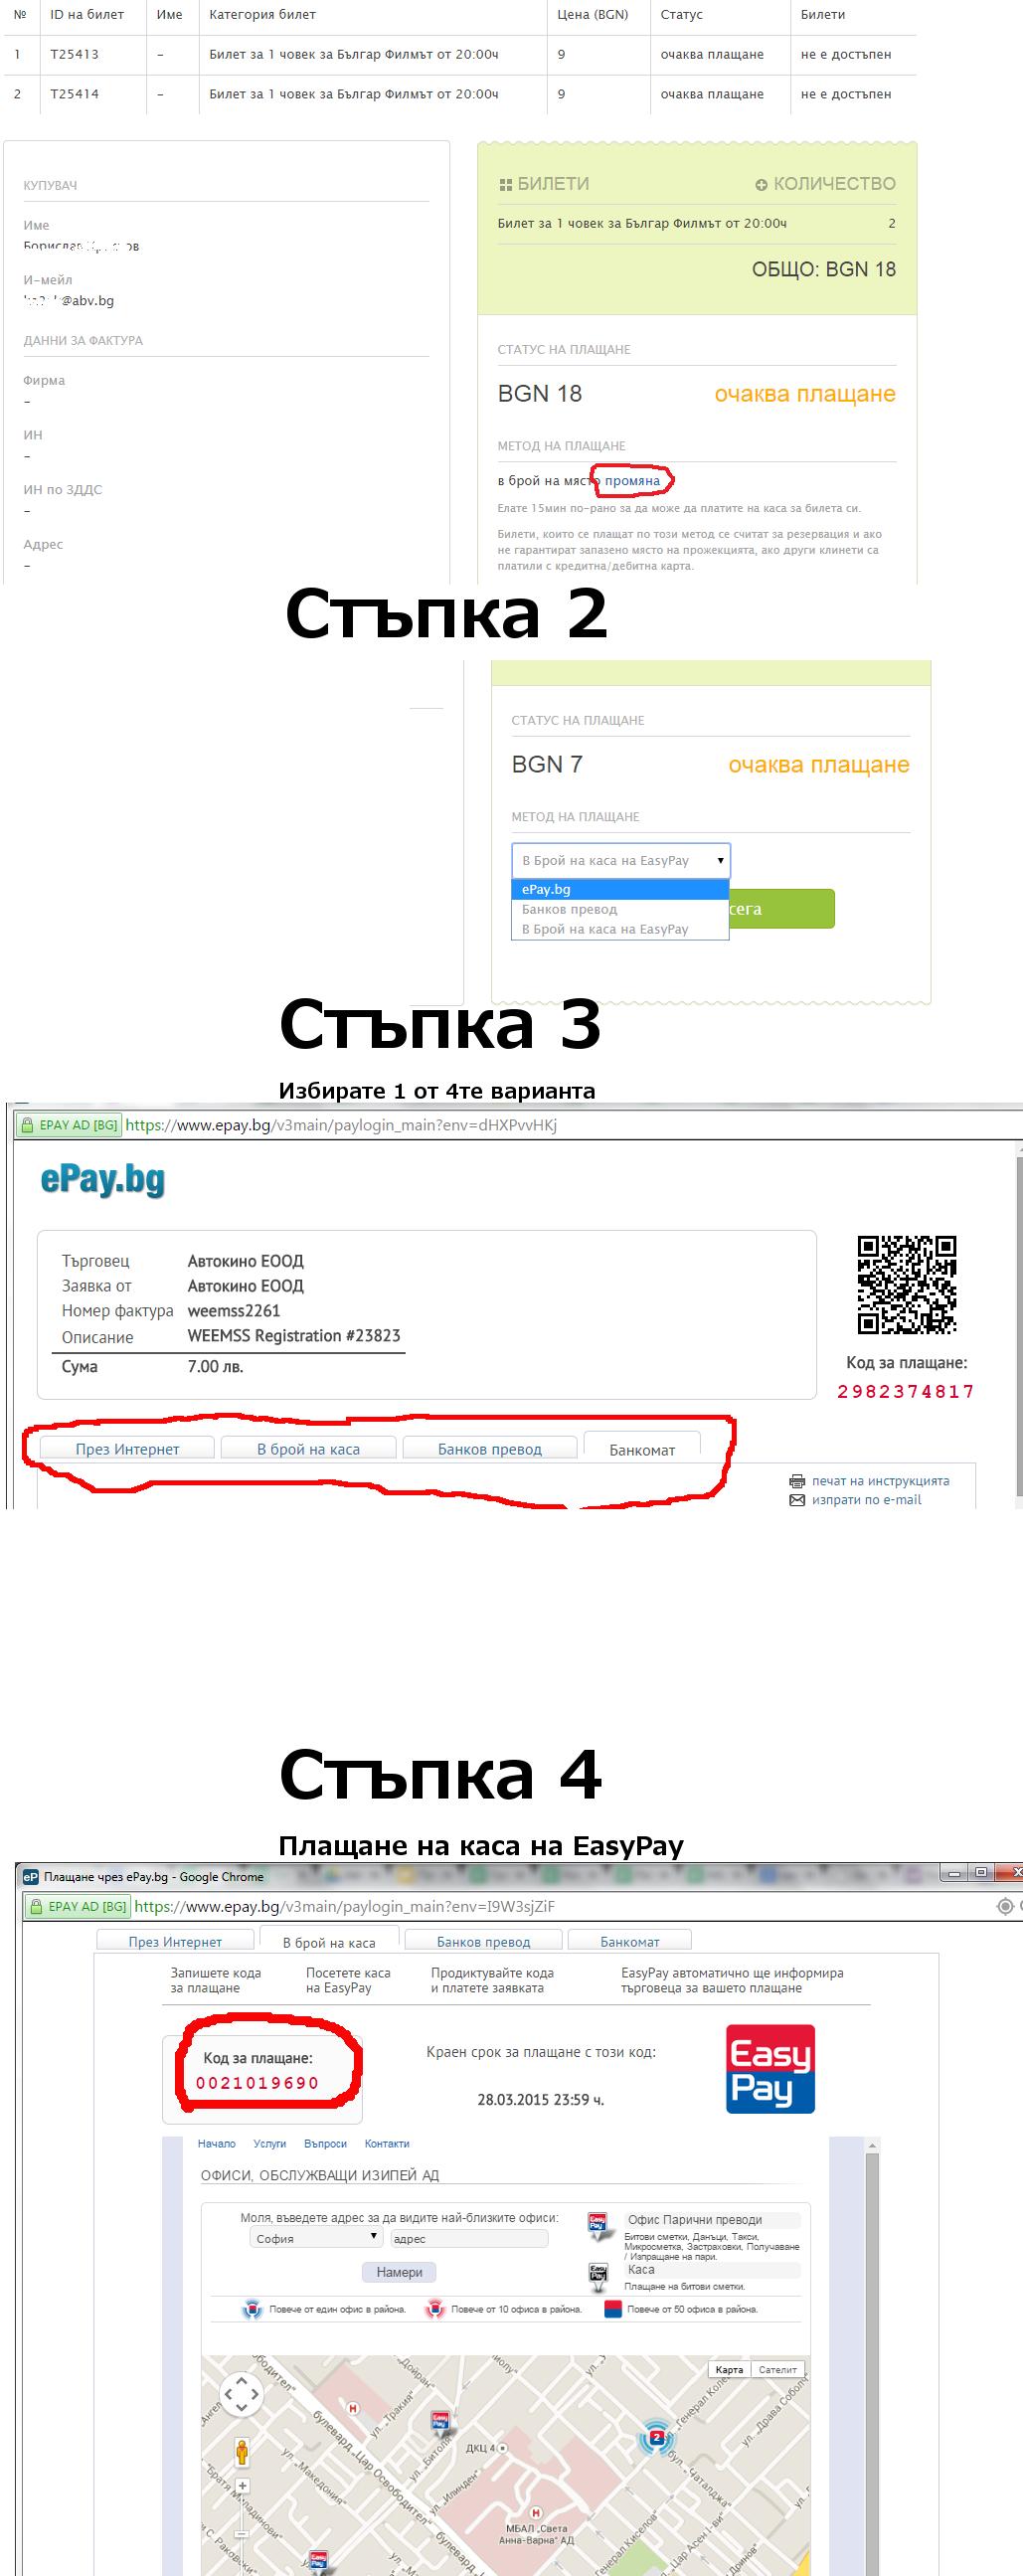 Payment instructions-cash